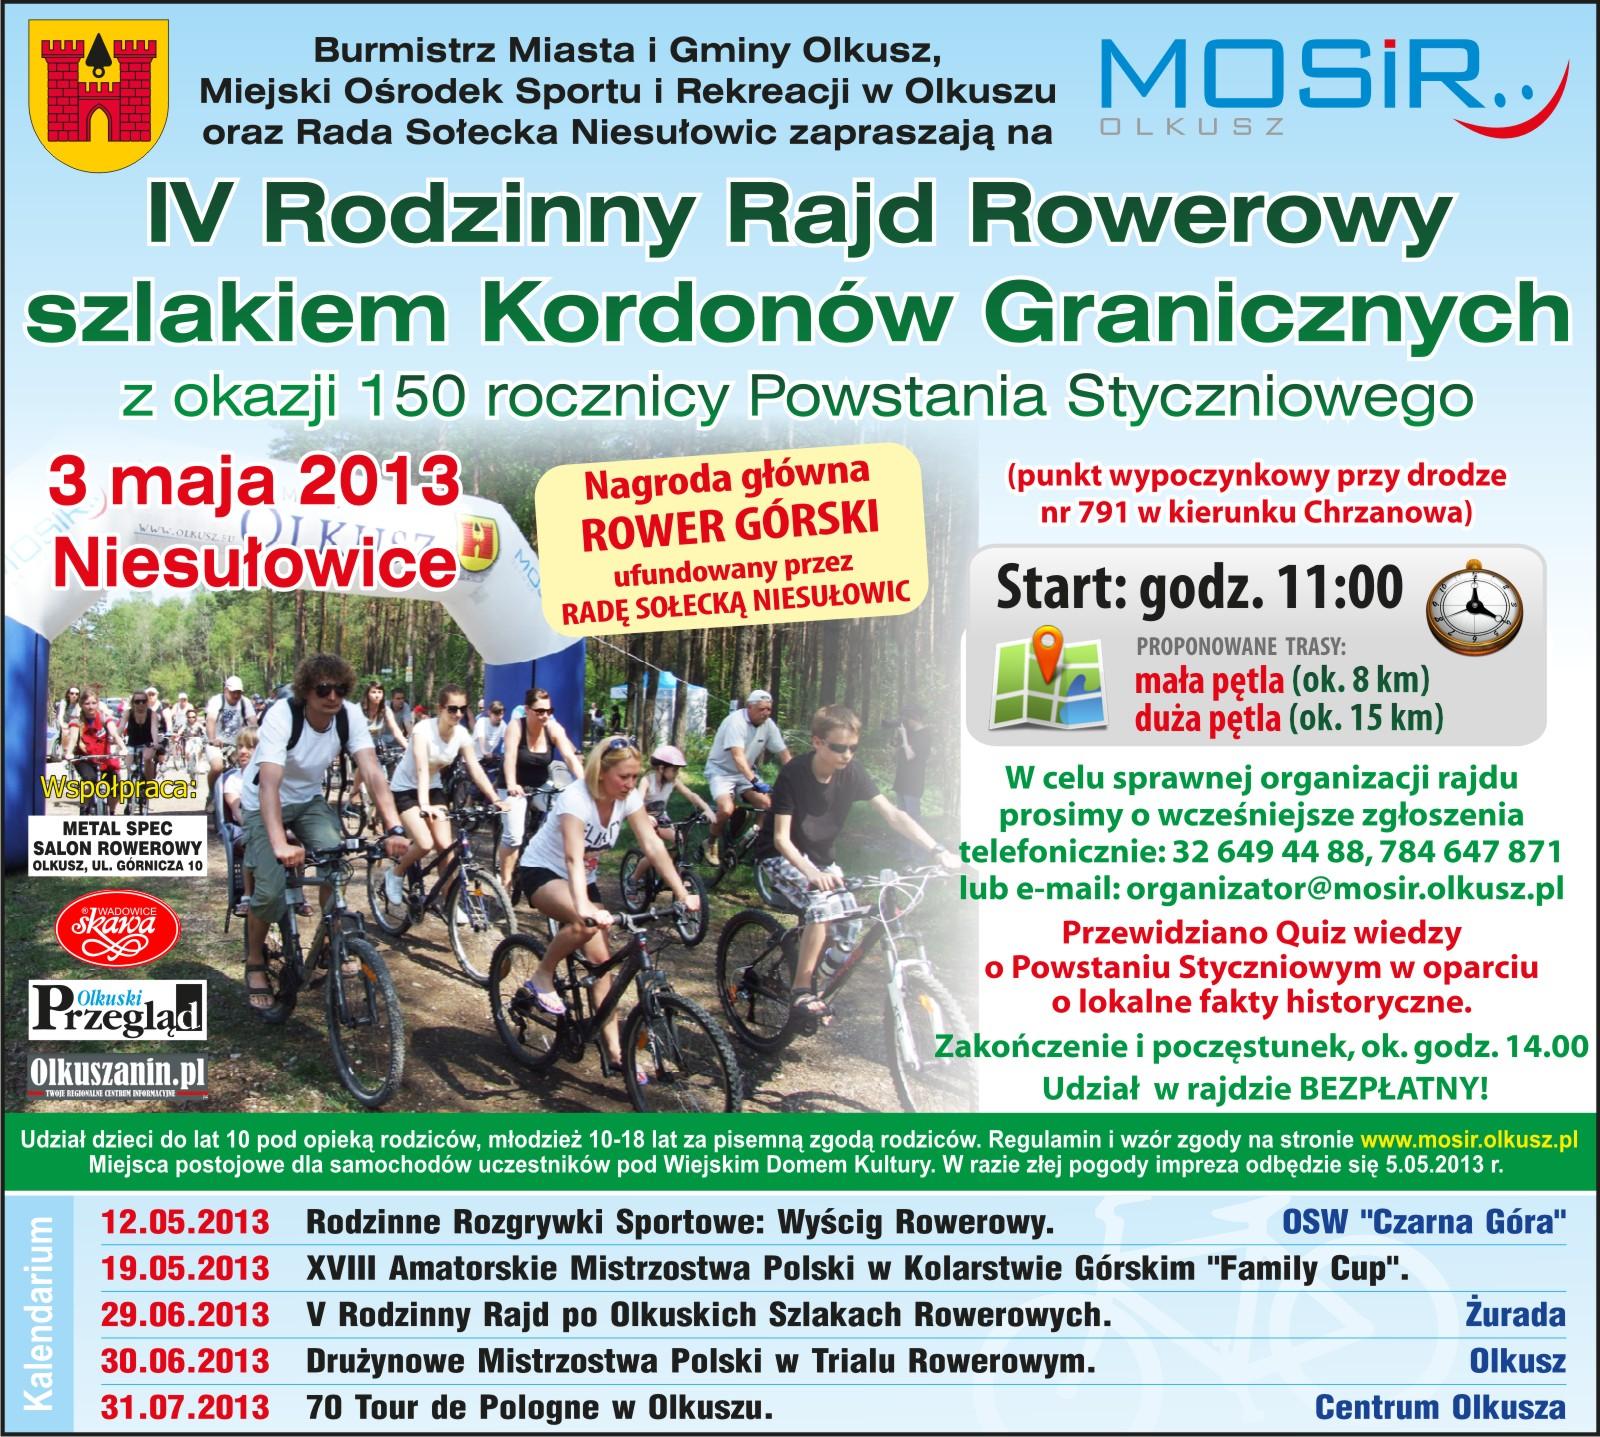 IV Rodzinny Rajd Rowerowy Szlakiem Kordonów Granicznych z okazji 150 rocznicy Powstania Styczniowego